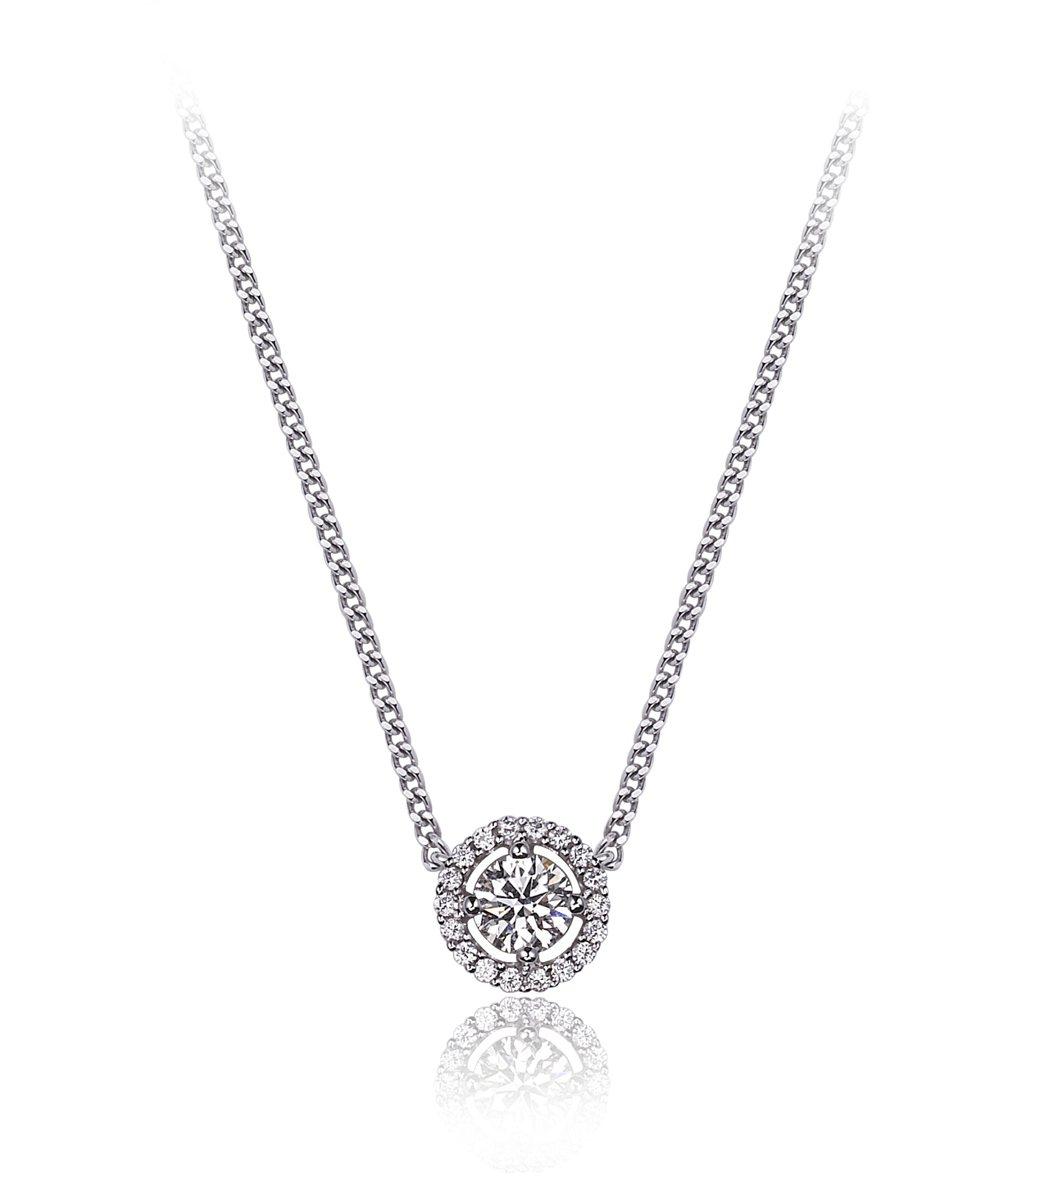 母親節限定Repertoire復古奢華美鑽項鍊,79,000 萬元起 。圖/HE...